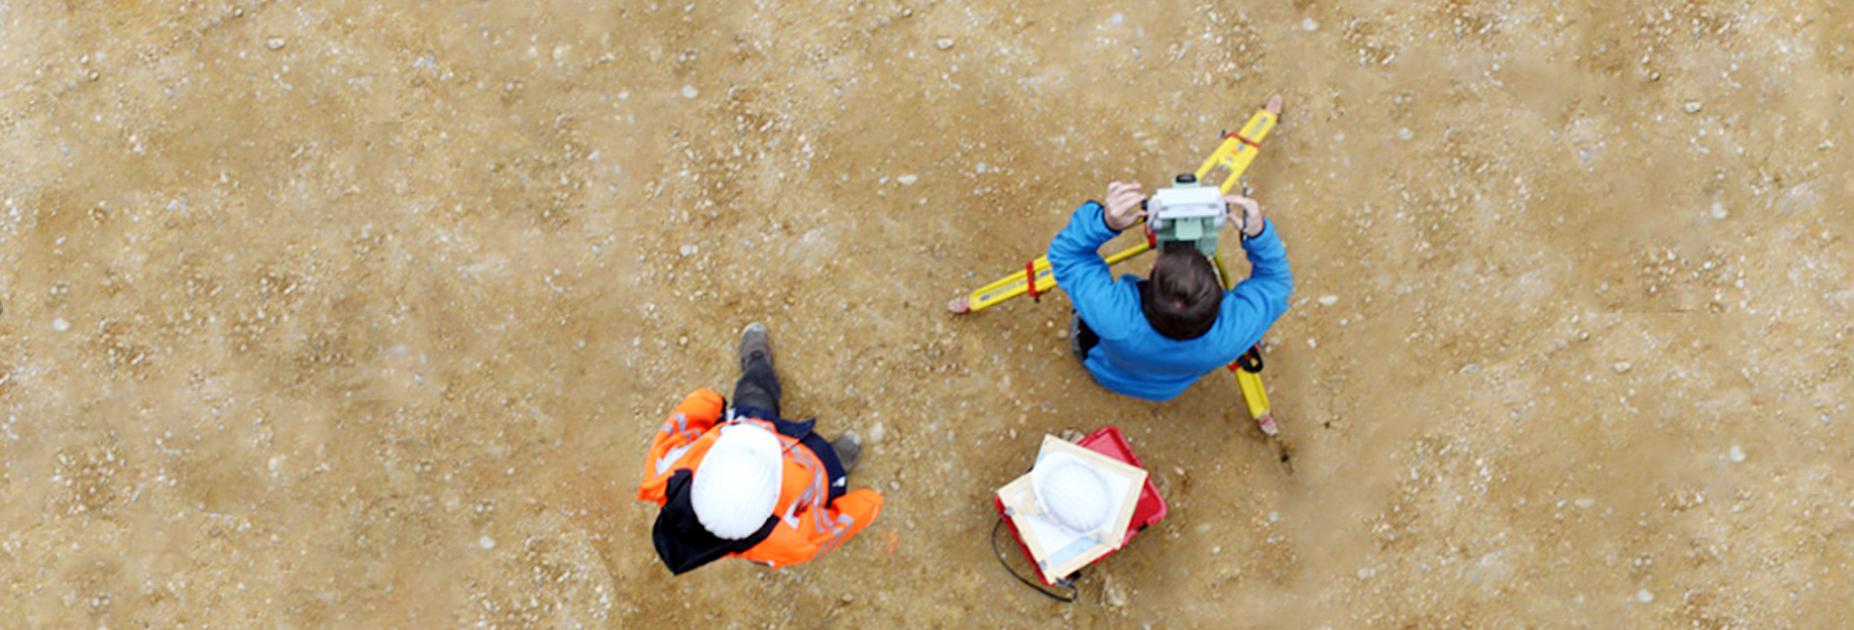 INGENIEURBÜRO SCHMECHTIG Beratende Ingenieure der Geodäsie